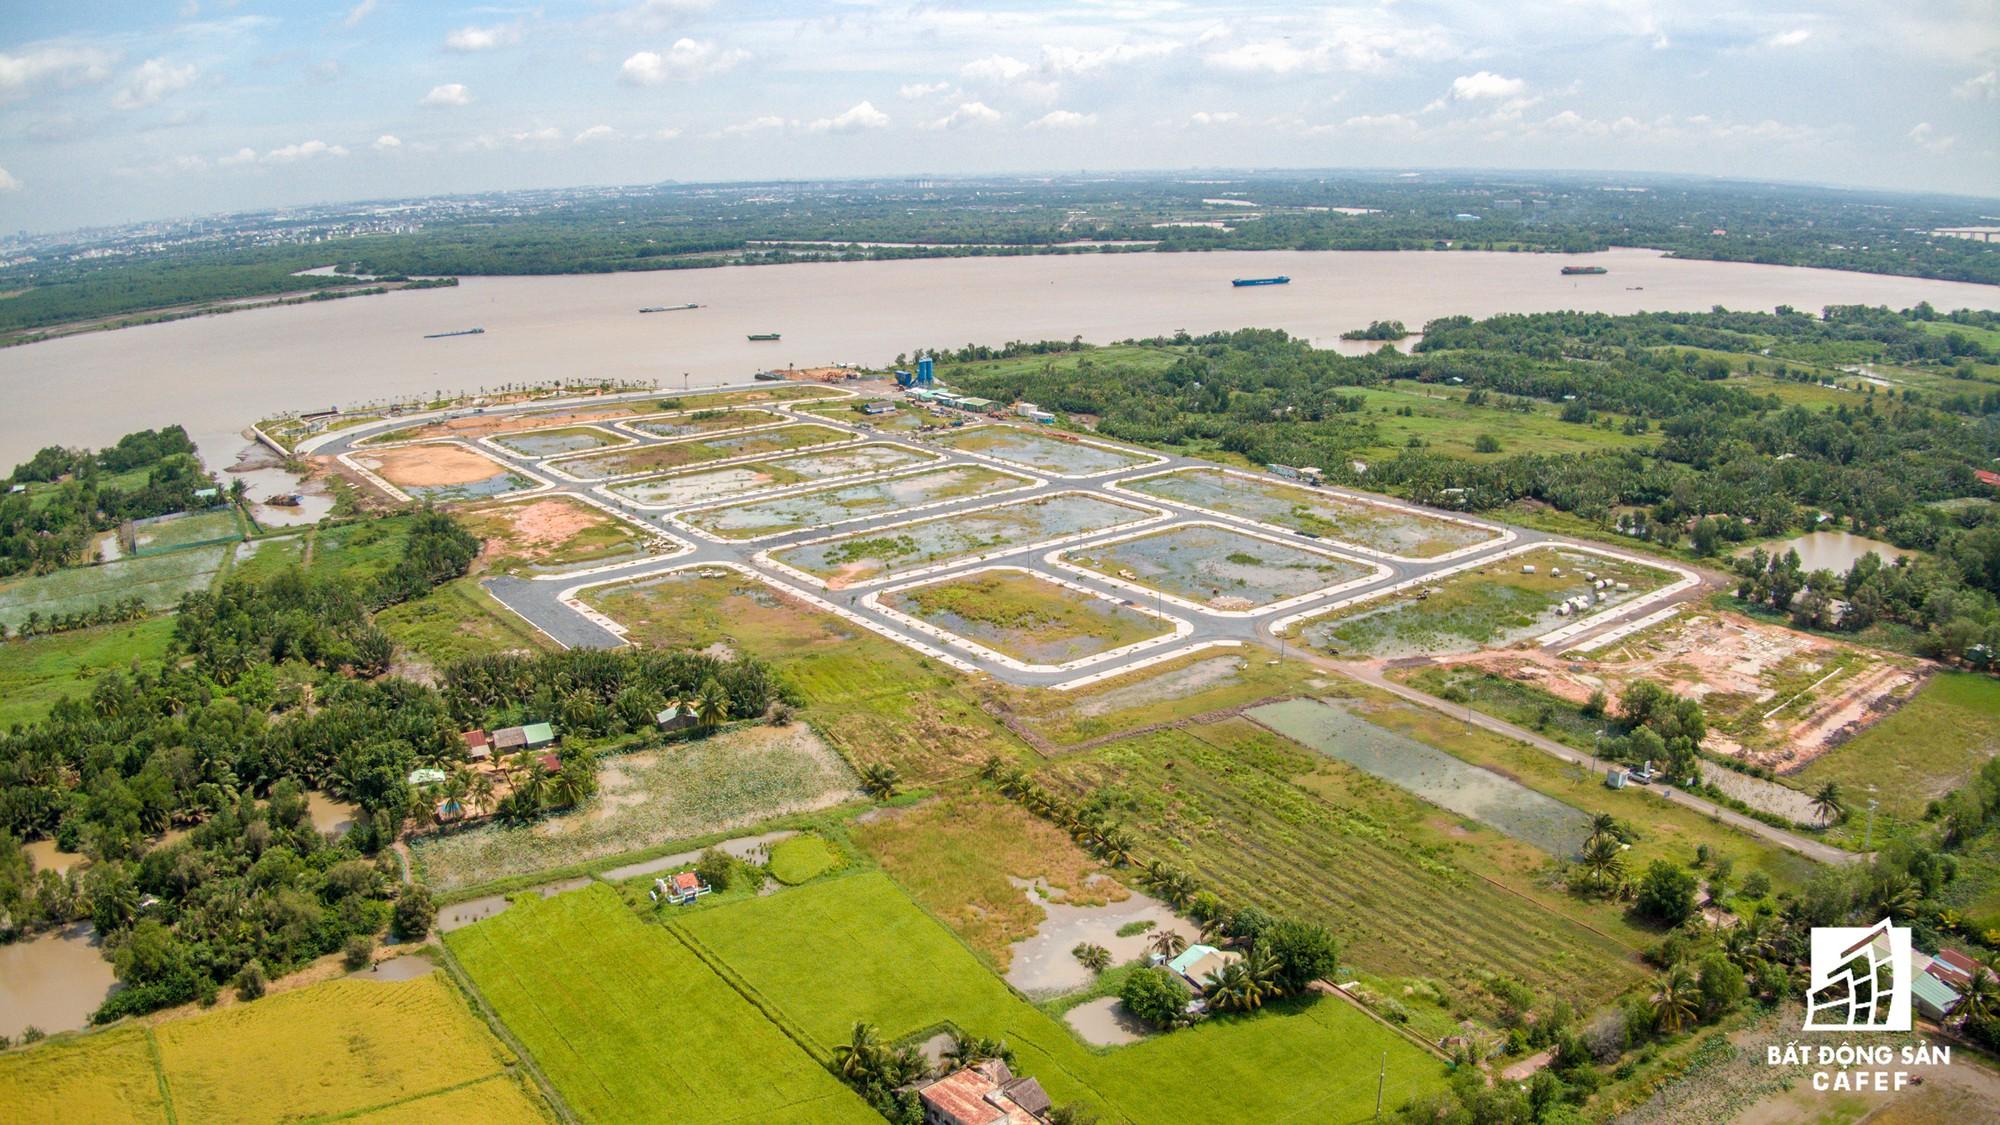 Đồng Nai chốt phương án xây cầu Cát Lái nối Nhơn Trạch và TP.HCM, bức tranh thị trường bất động sản thay đổi chóng mặt - Ảnh 21.